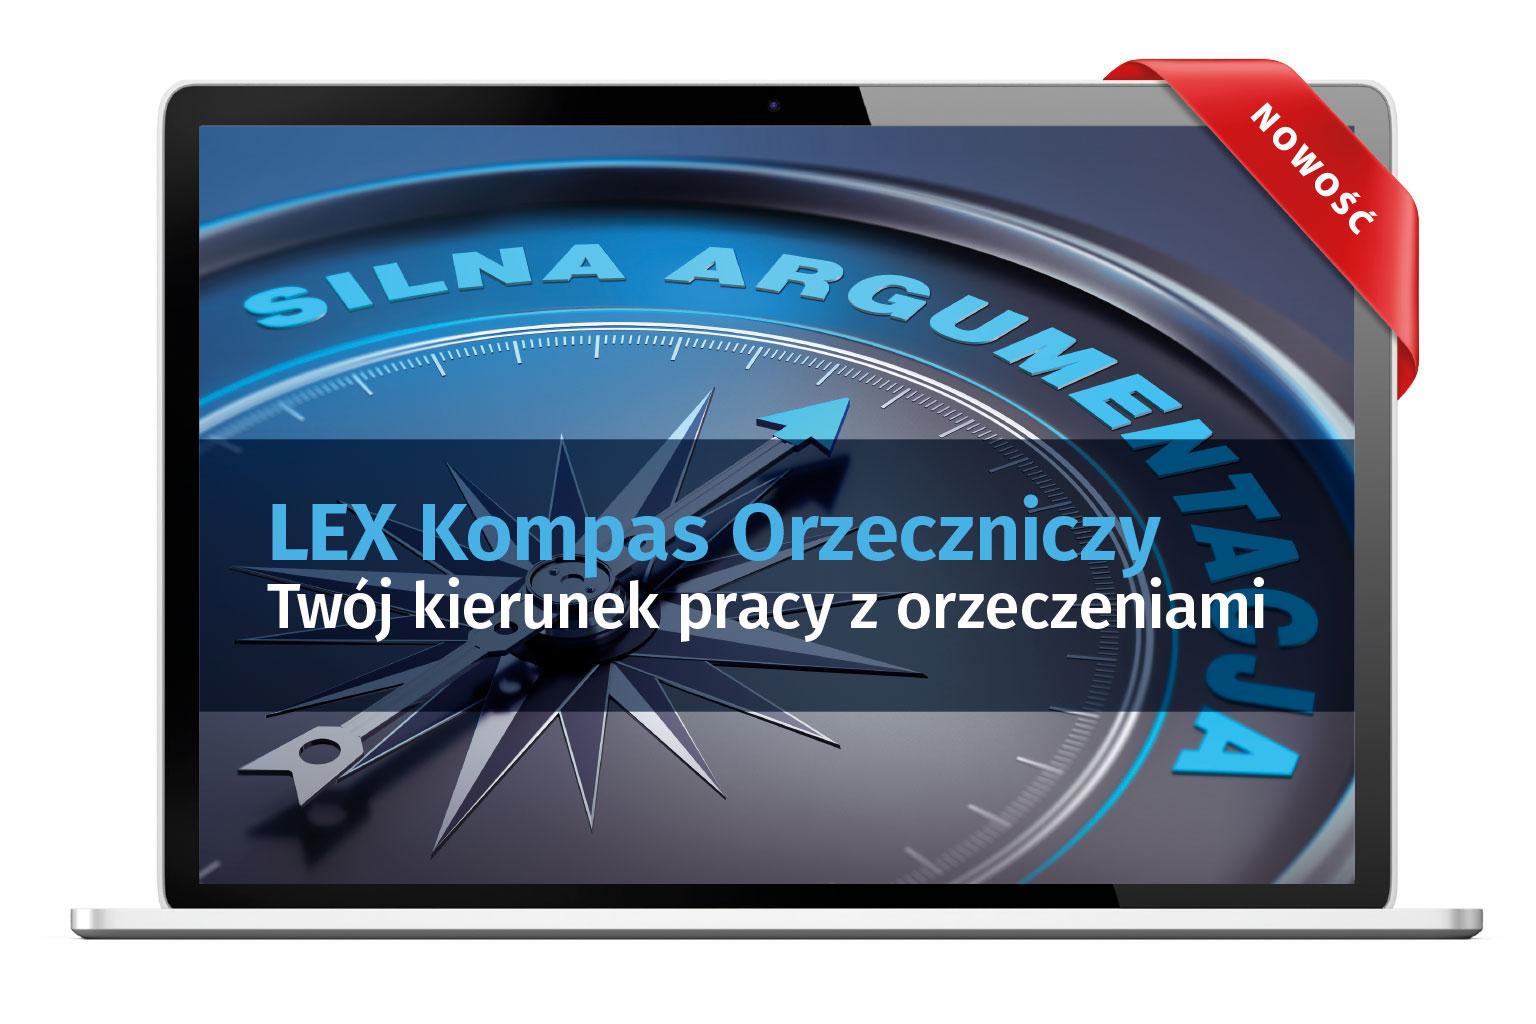 LEX Kompas Orzeczniczy